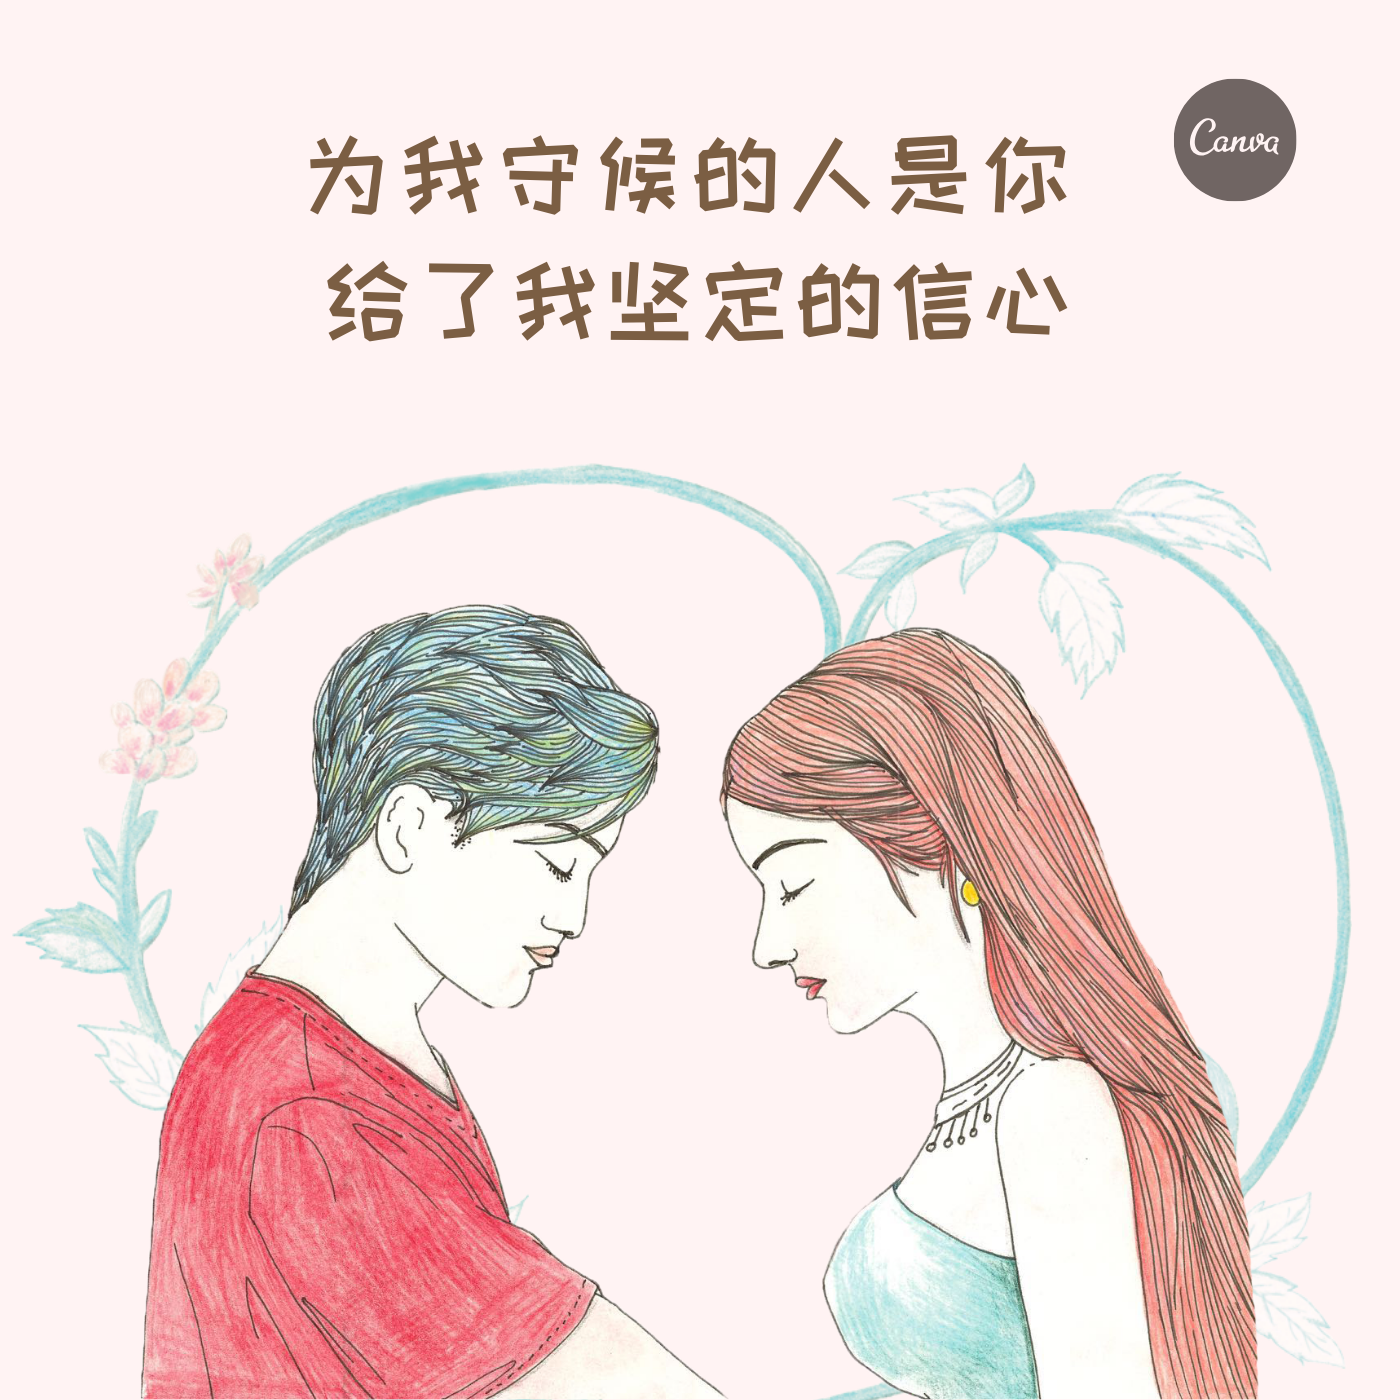 情感婚恋咨询指导